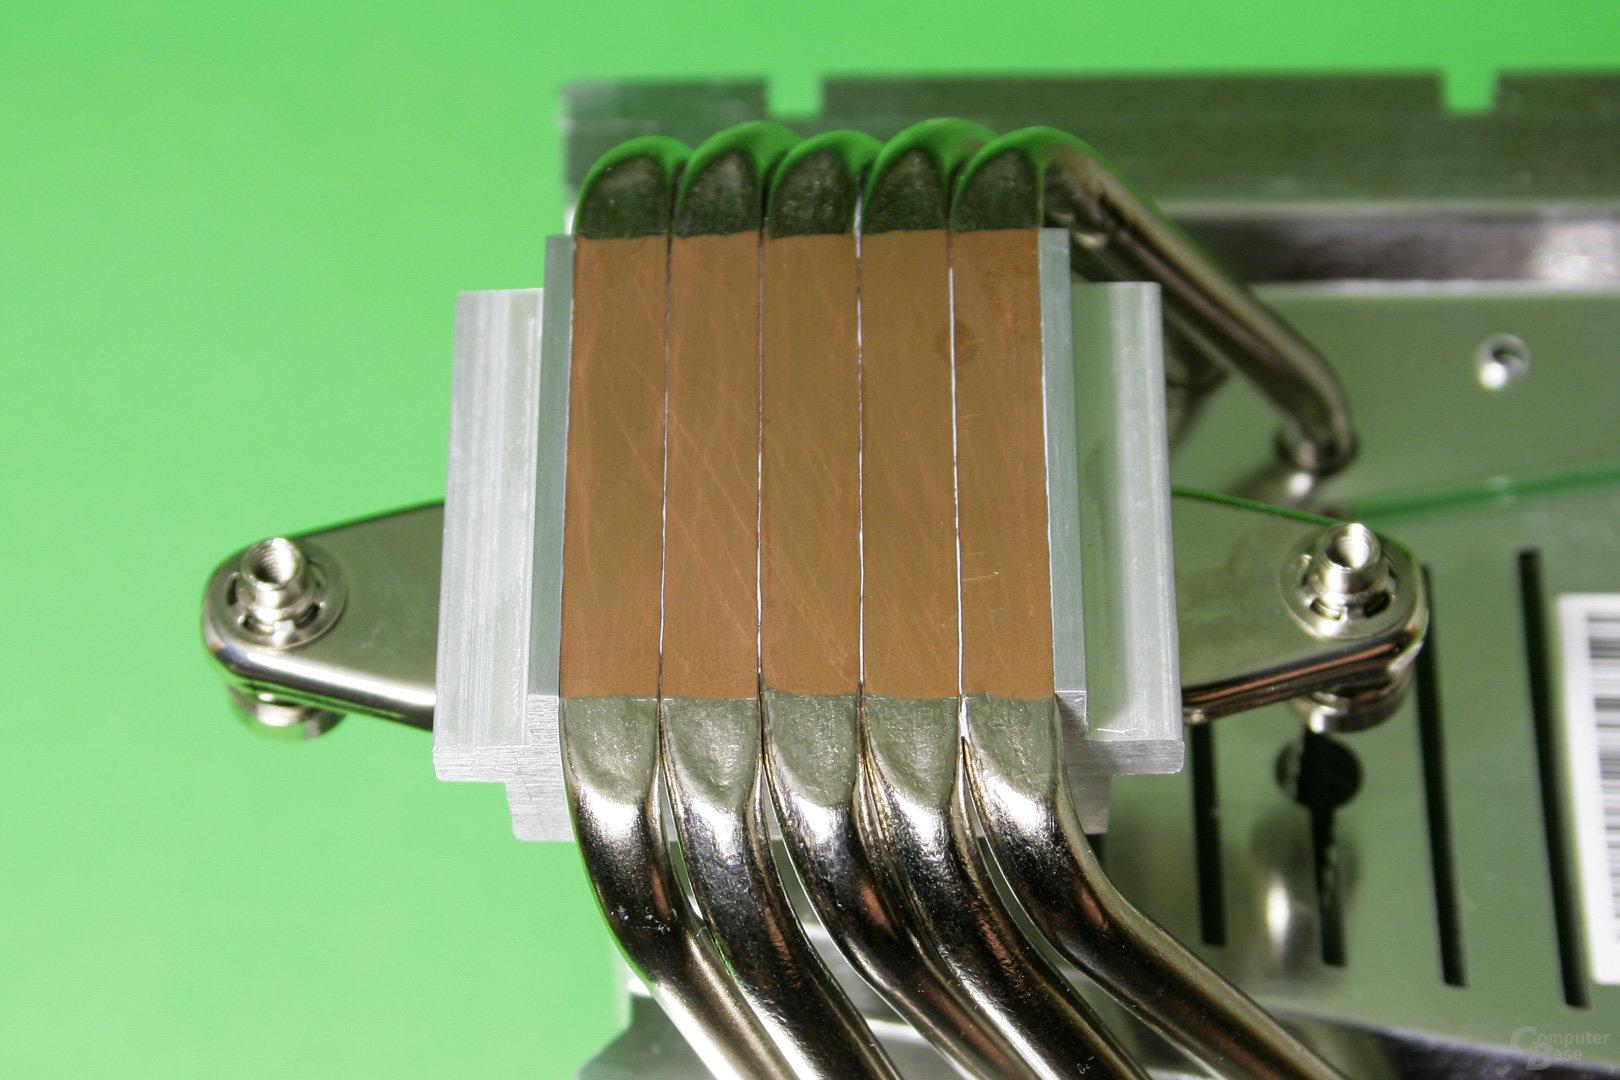 Alpenföhn Brocken 3: CPU-Auflagefläche mit Heatpipe Direct Touch